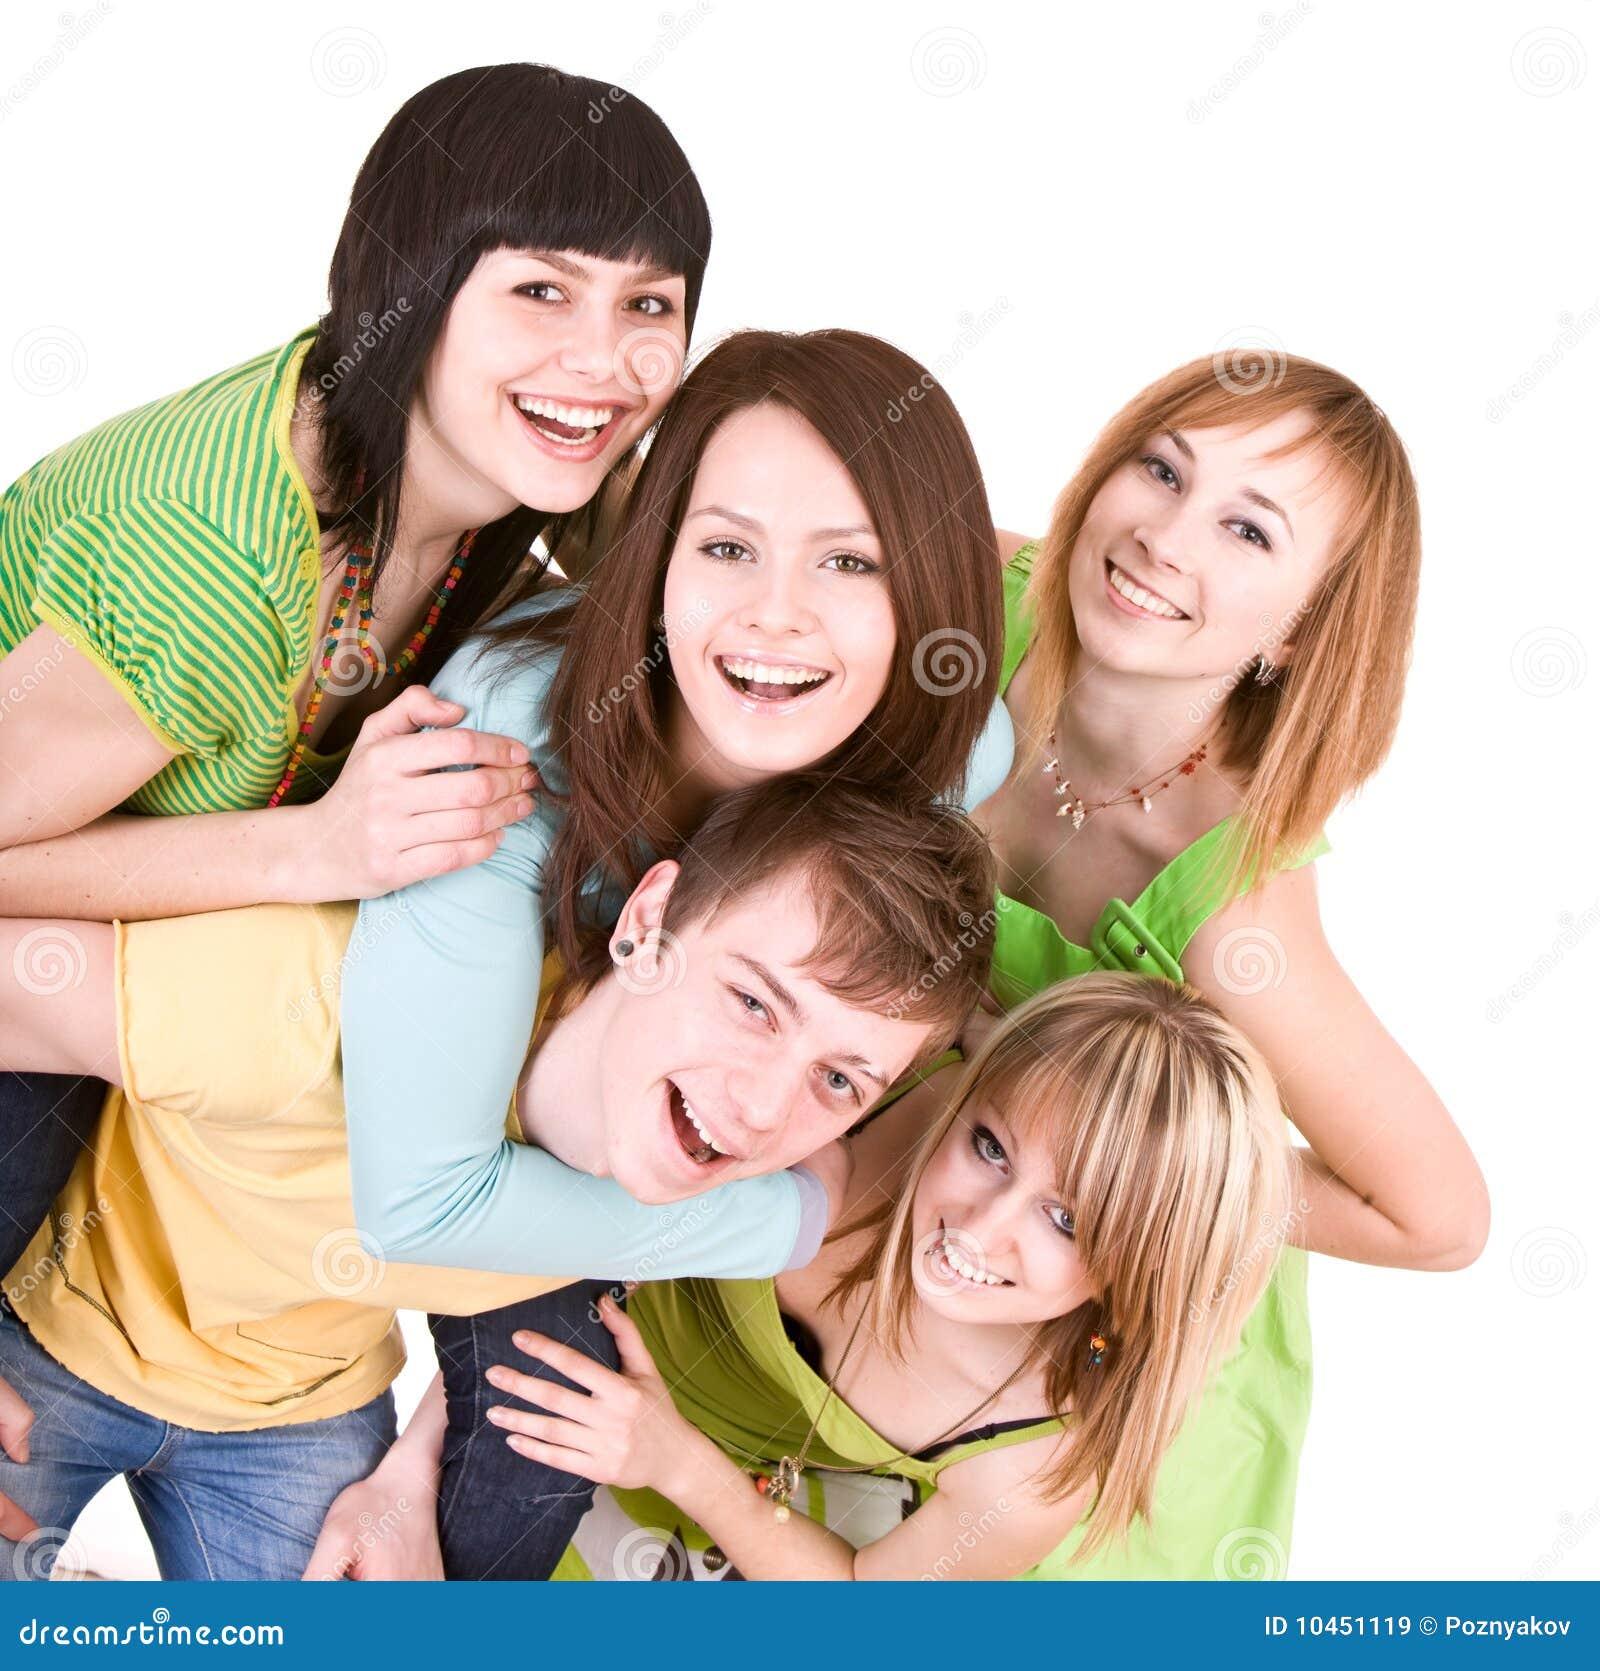 Фото девушек с молодым человеком 22 фотография